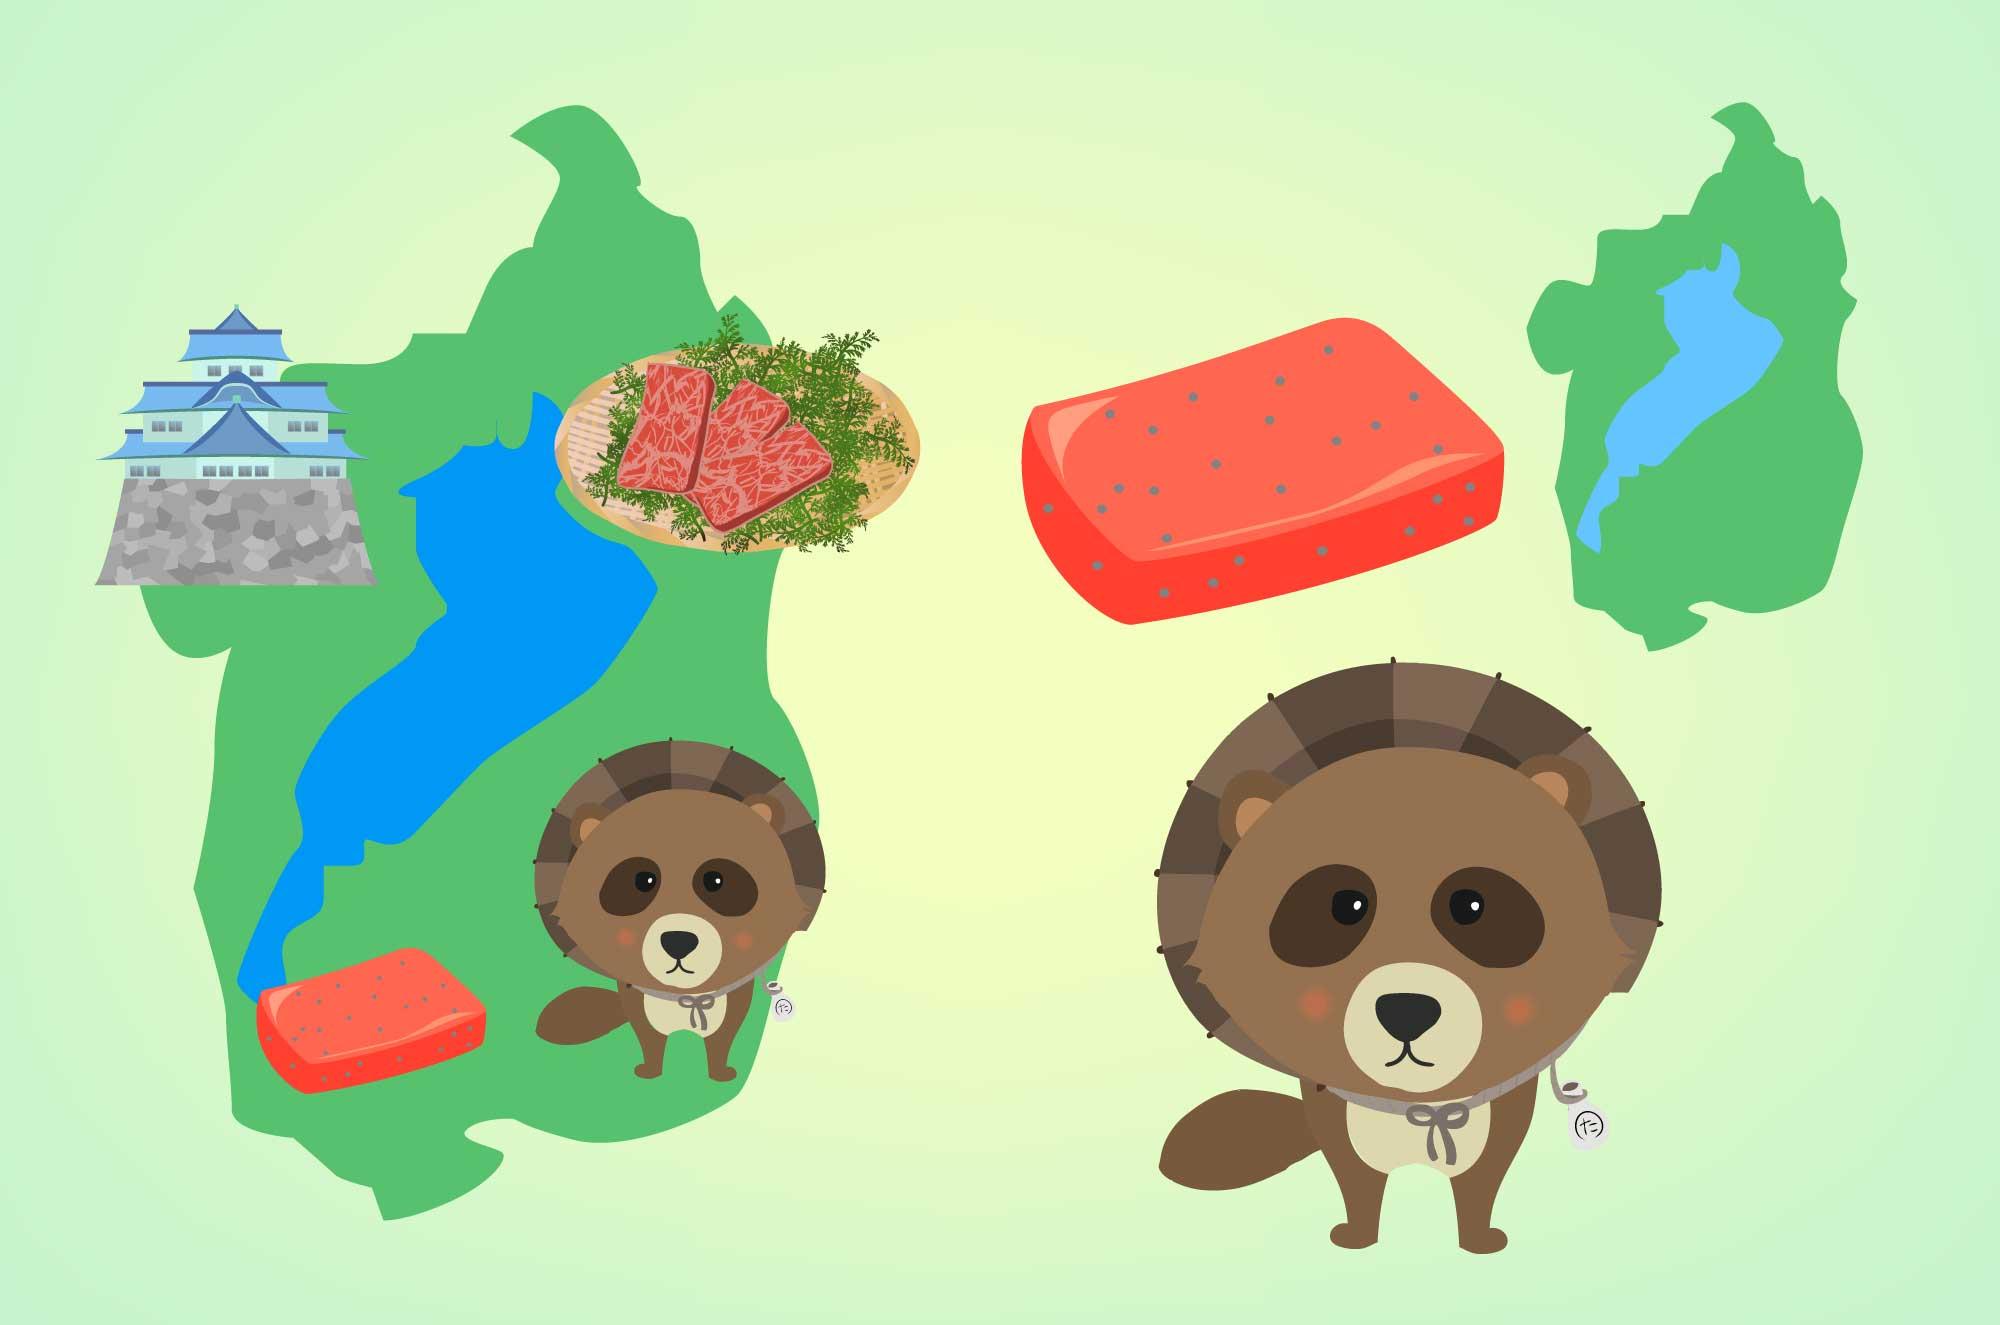 滋賀のイラスト - 琵琶湖や地形マップの無料素材